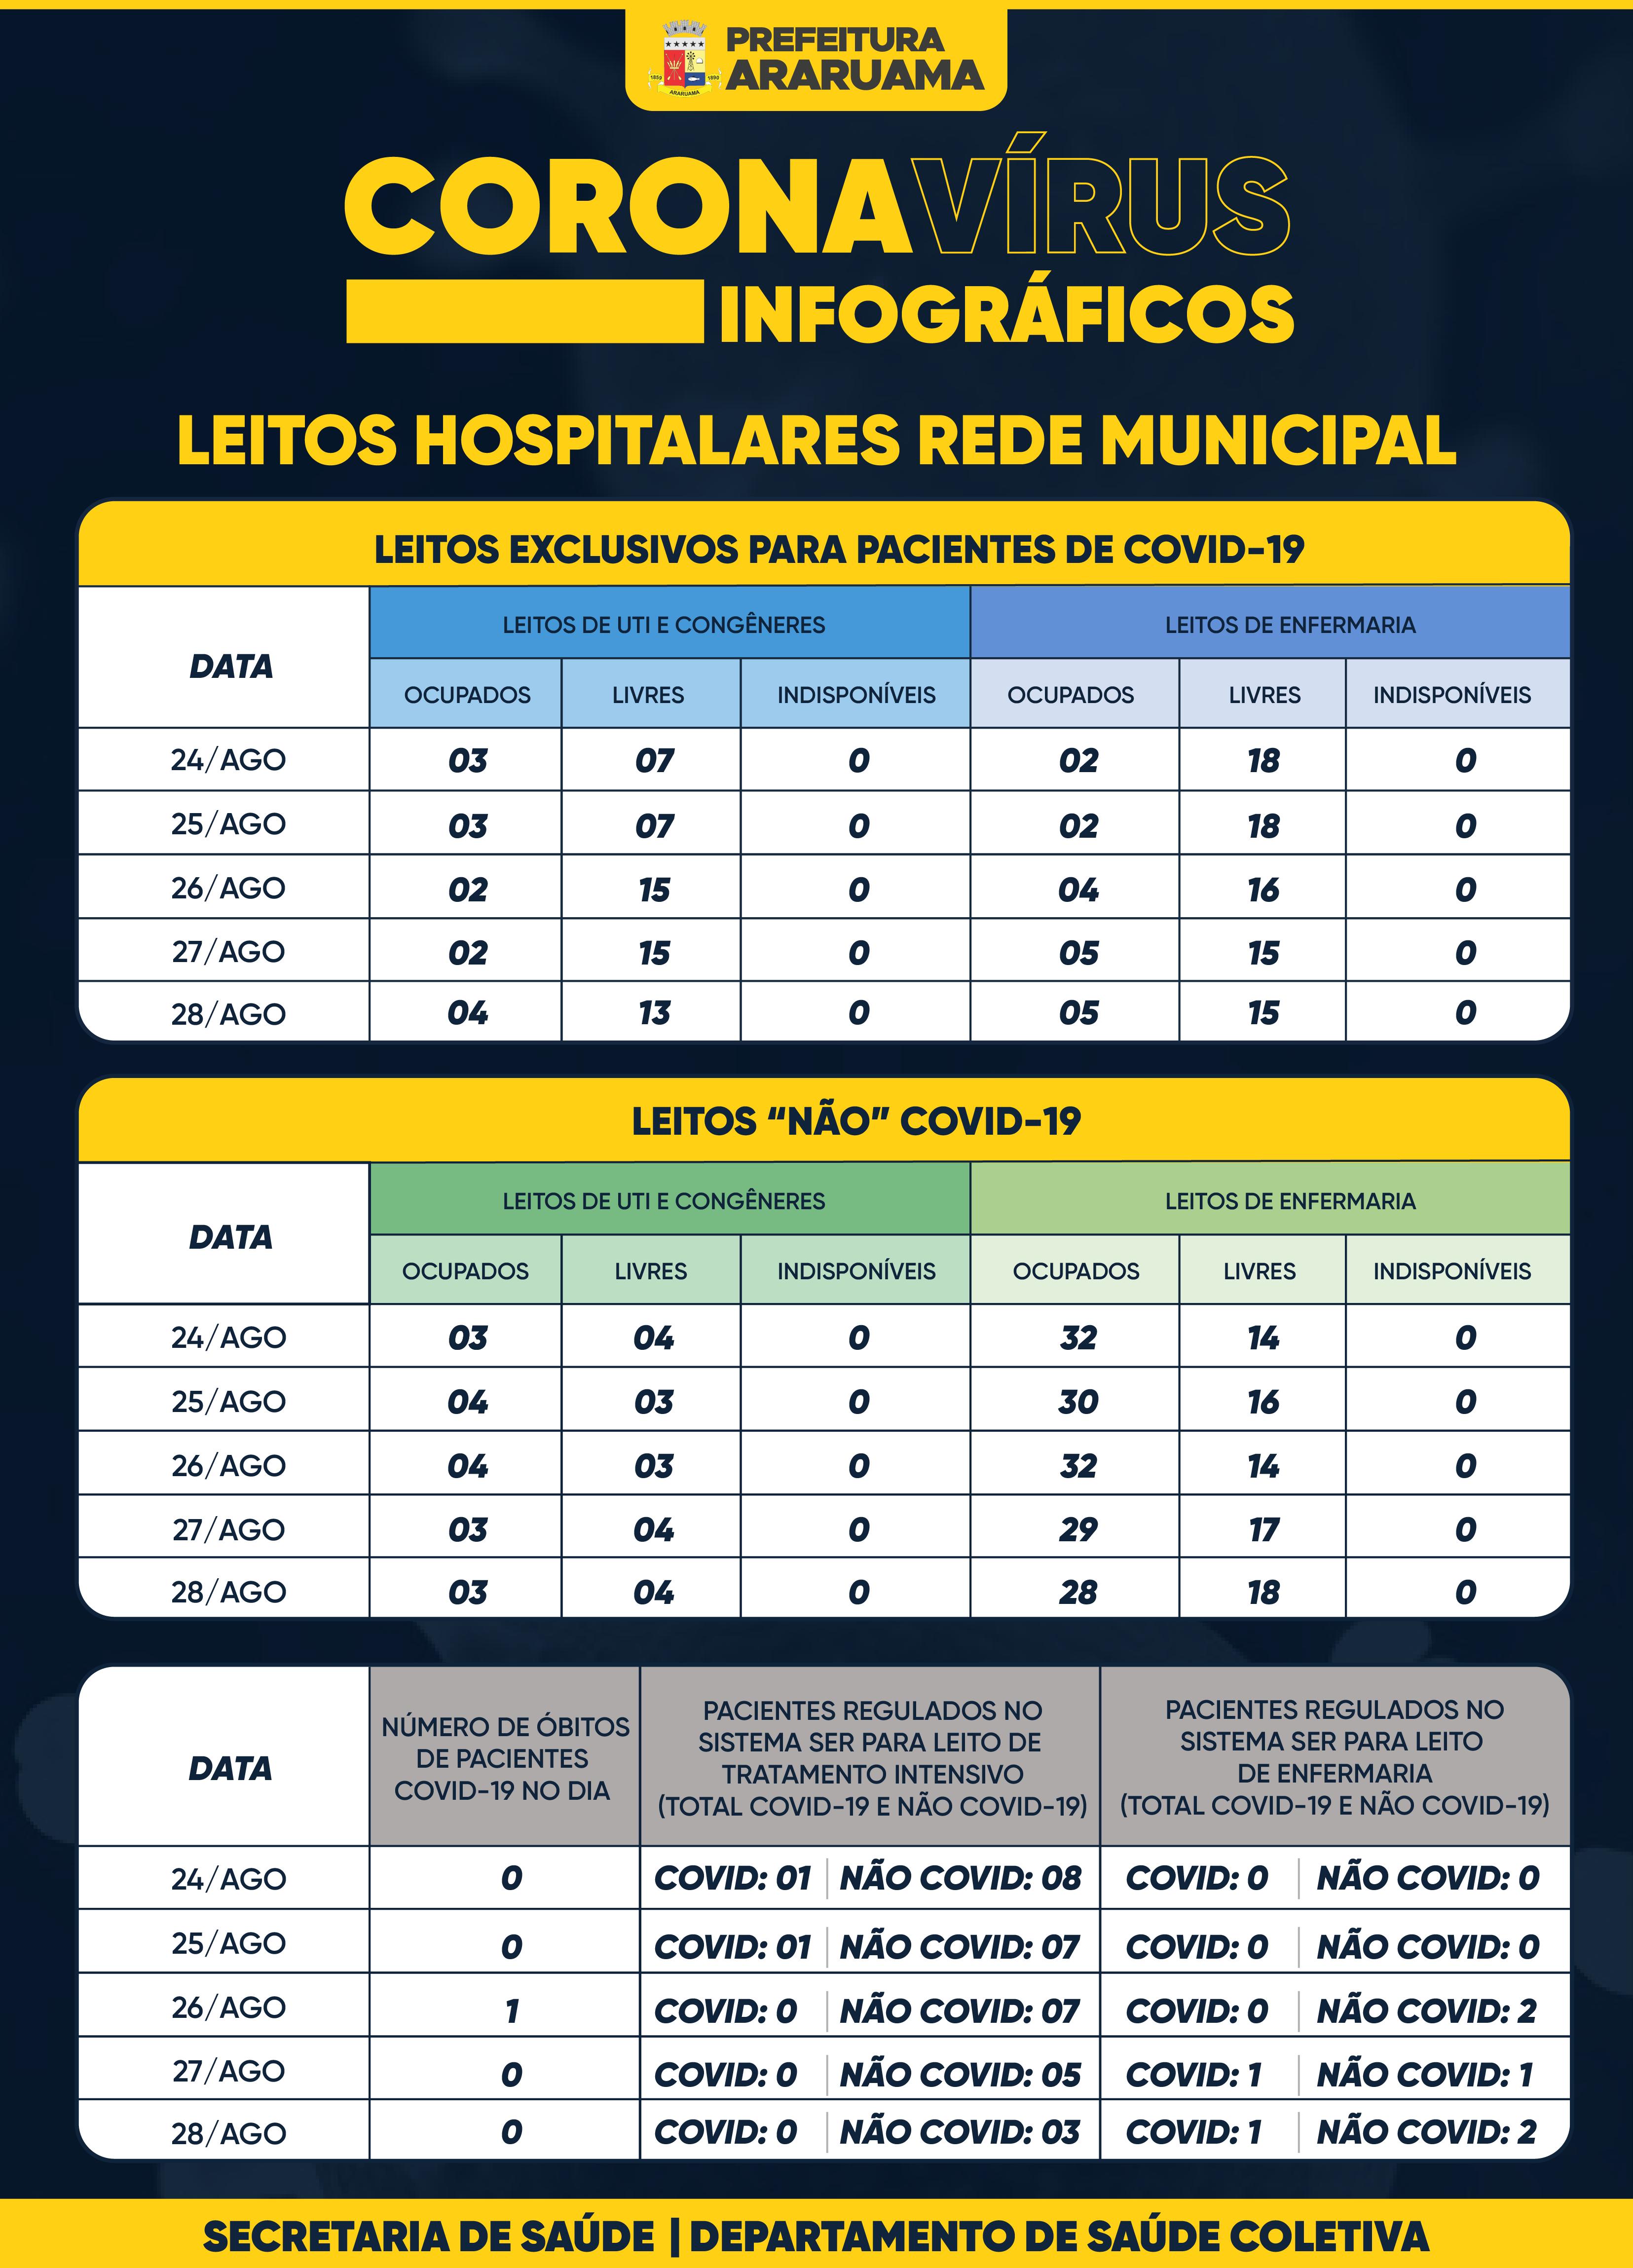 Painel de Monitoramento de Leitos COVID-19 — 28 de agosto de 2020